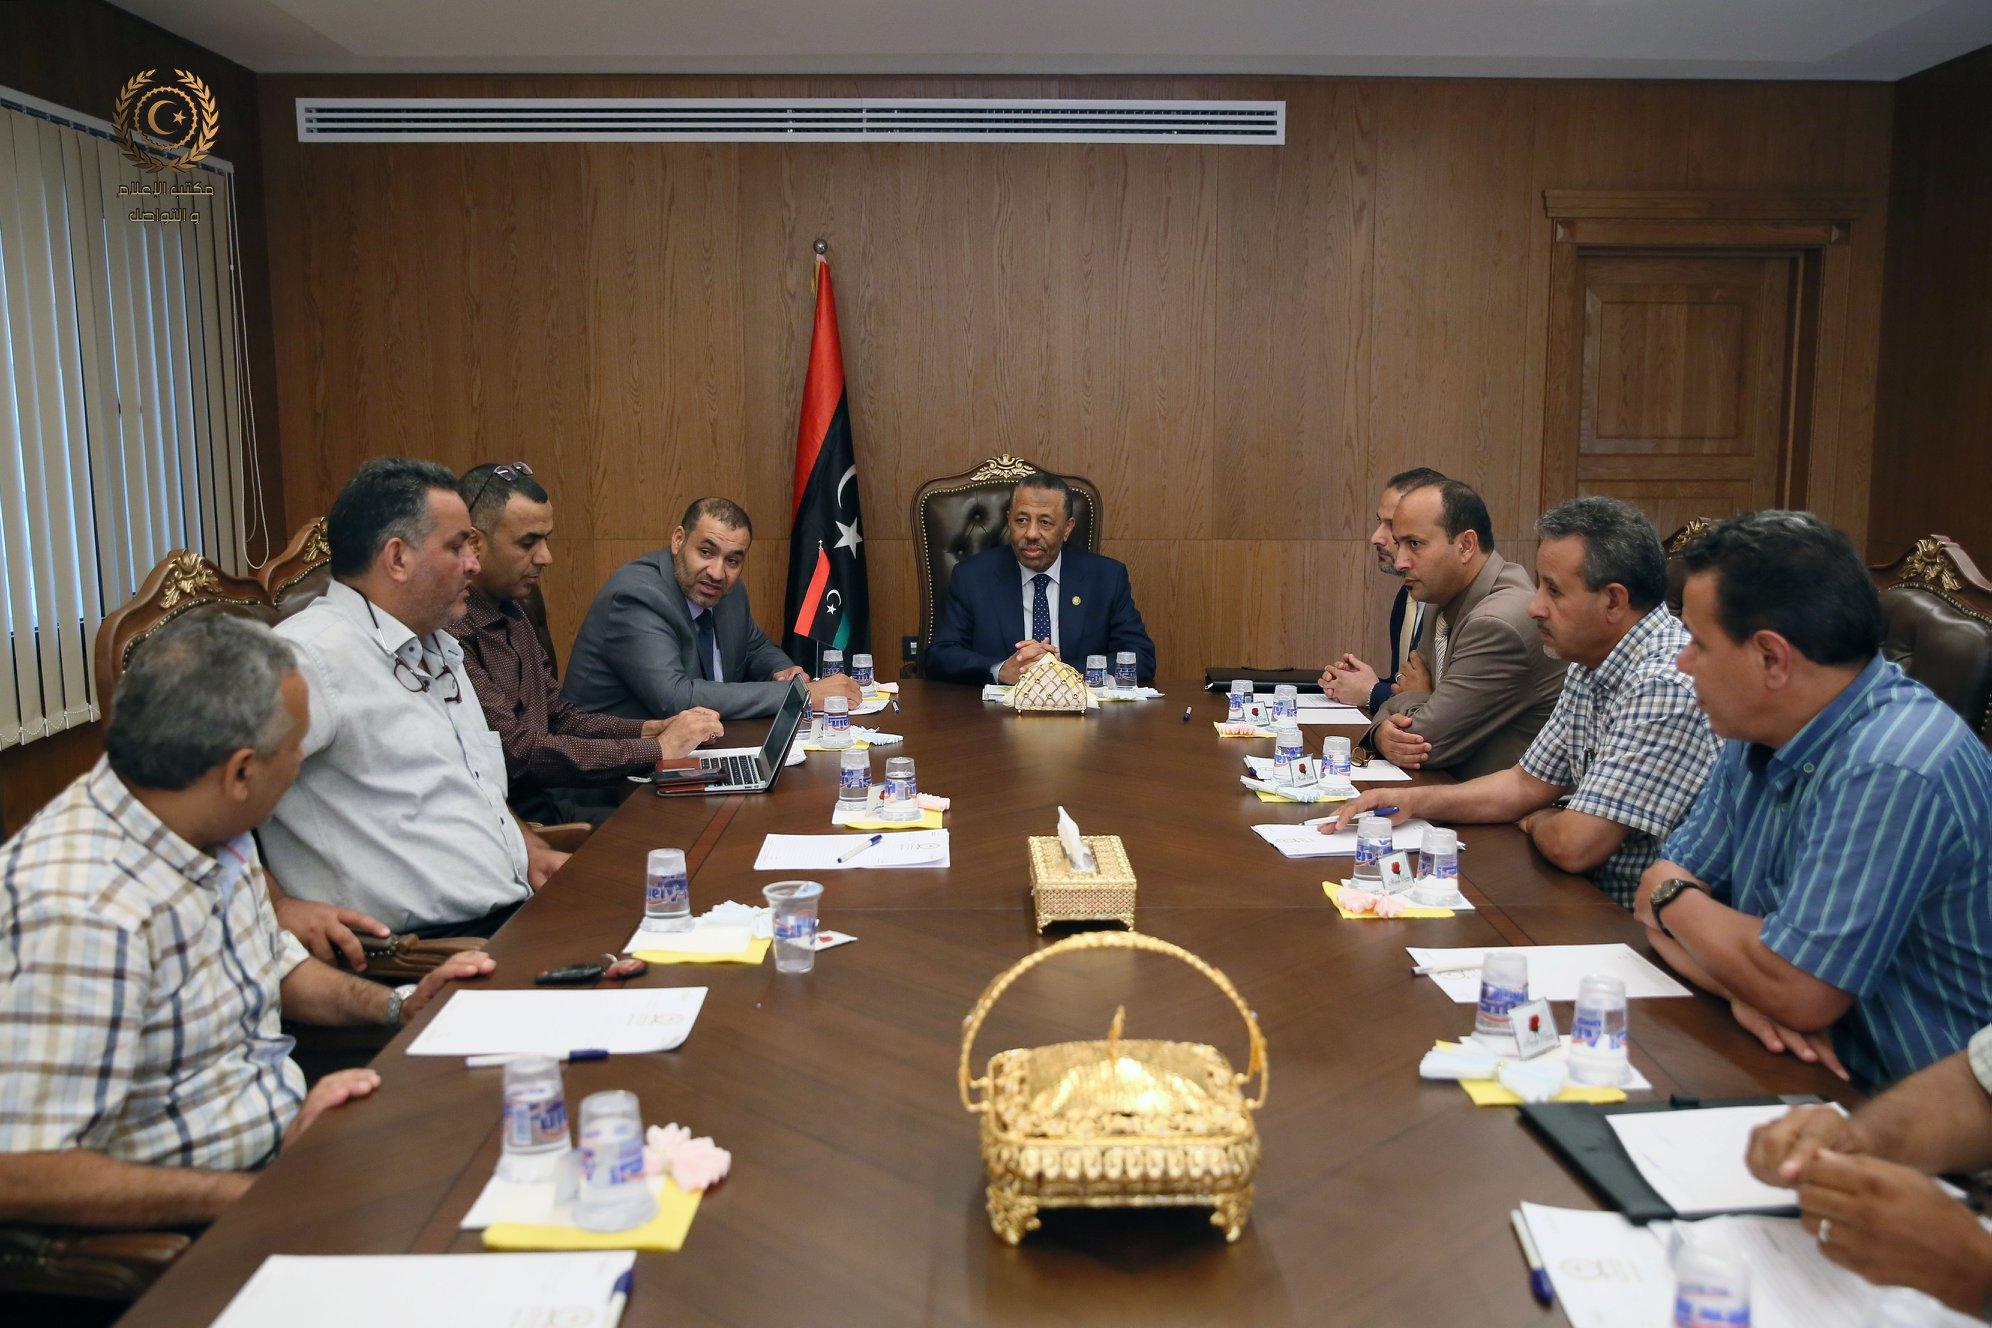 الحكومة المؤقتة تتعهد بدفع مبلغ 50 مليون دينار ليبي لدعم تطوير التعليم الطبي